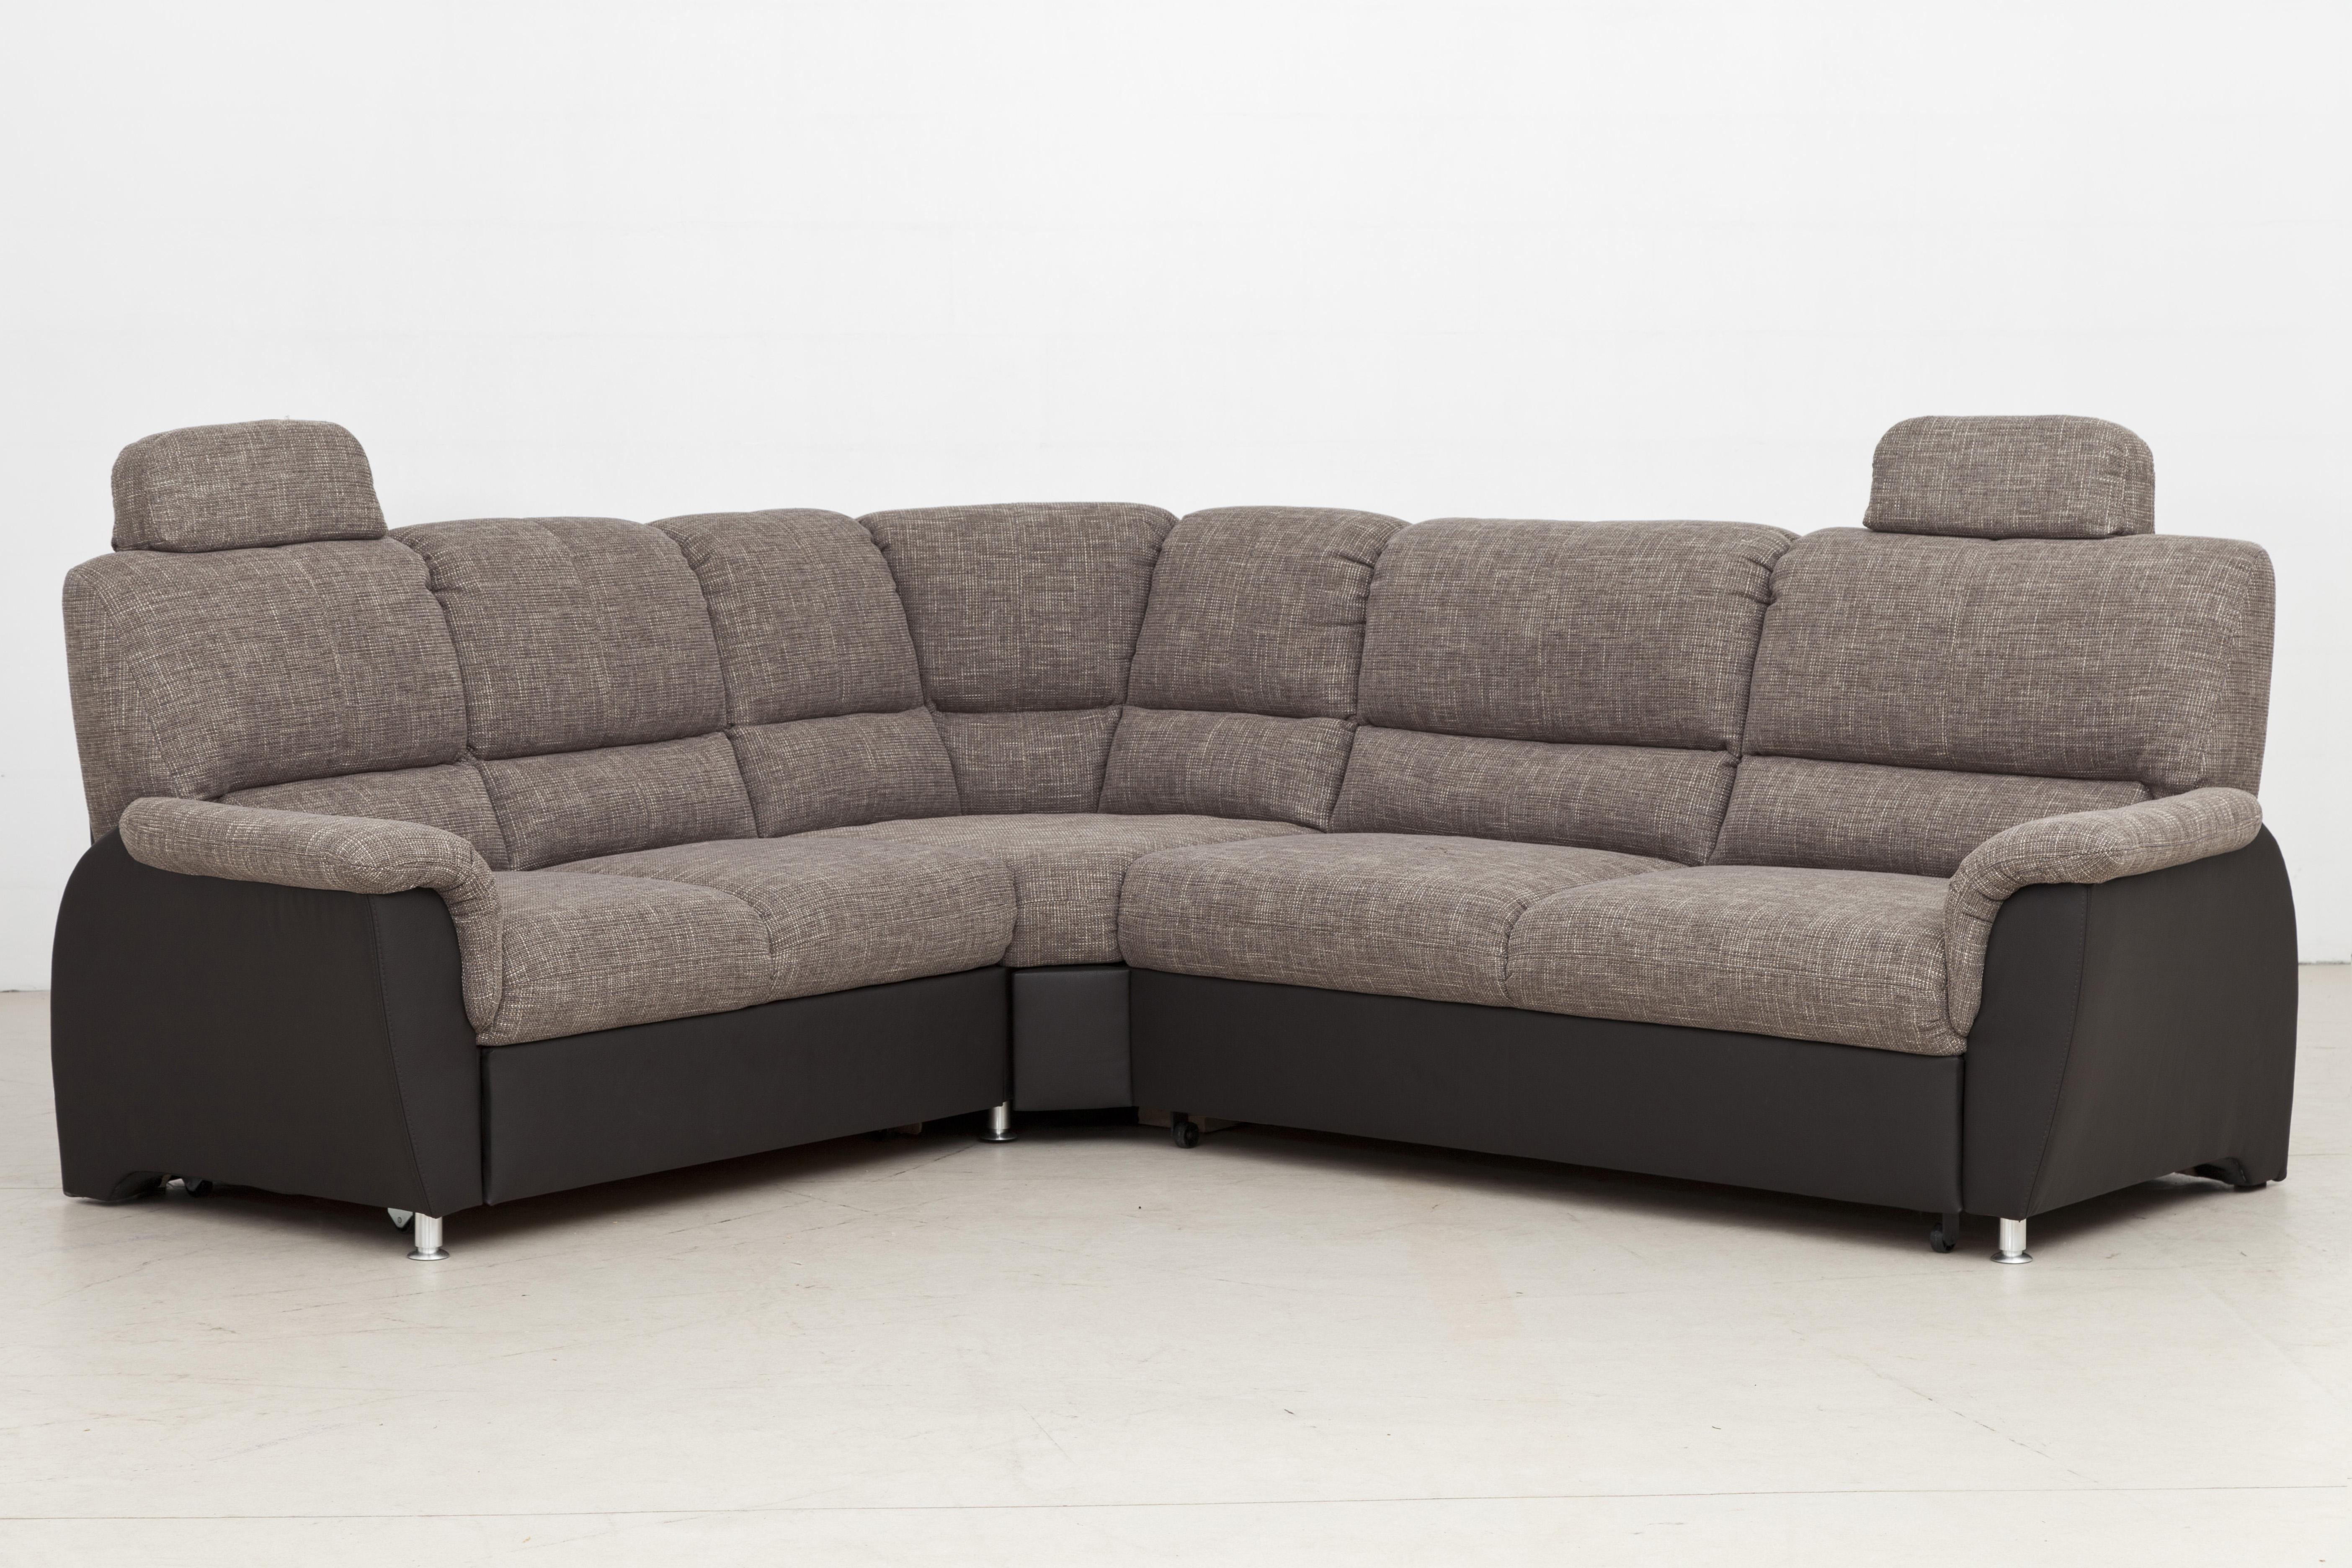 wohnlandschaft oval. Black Bedroom Furniture Sets. Home Design Ideas